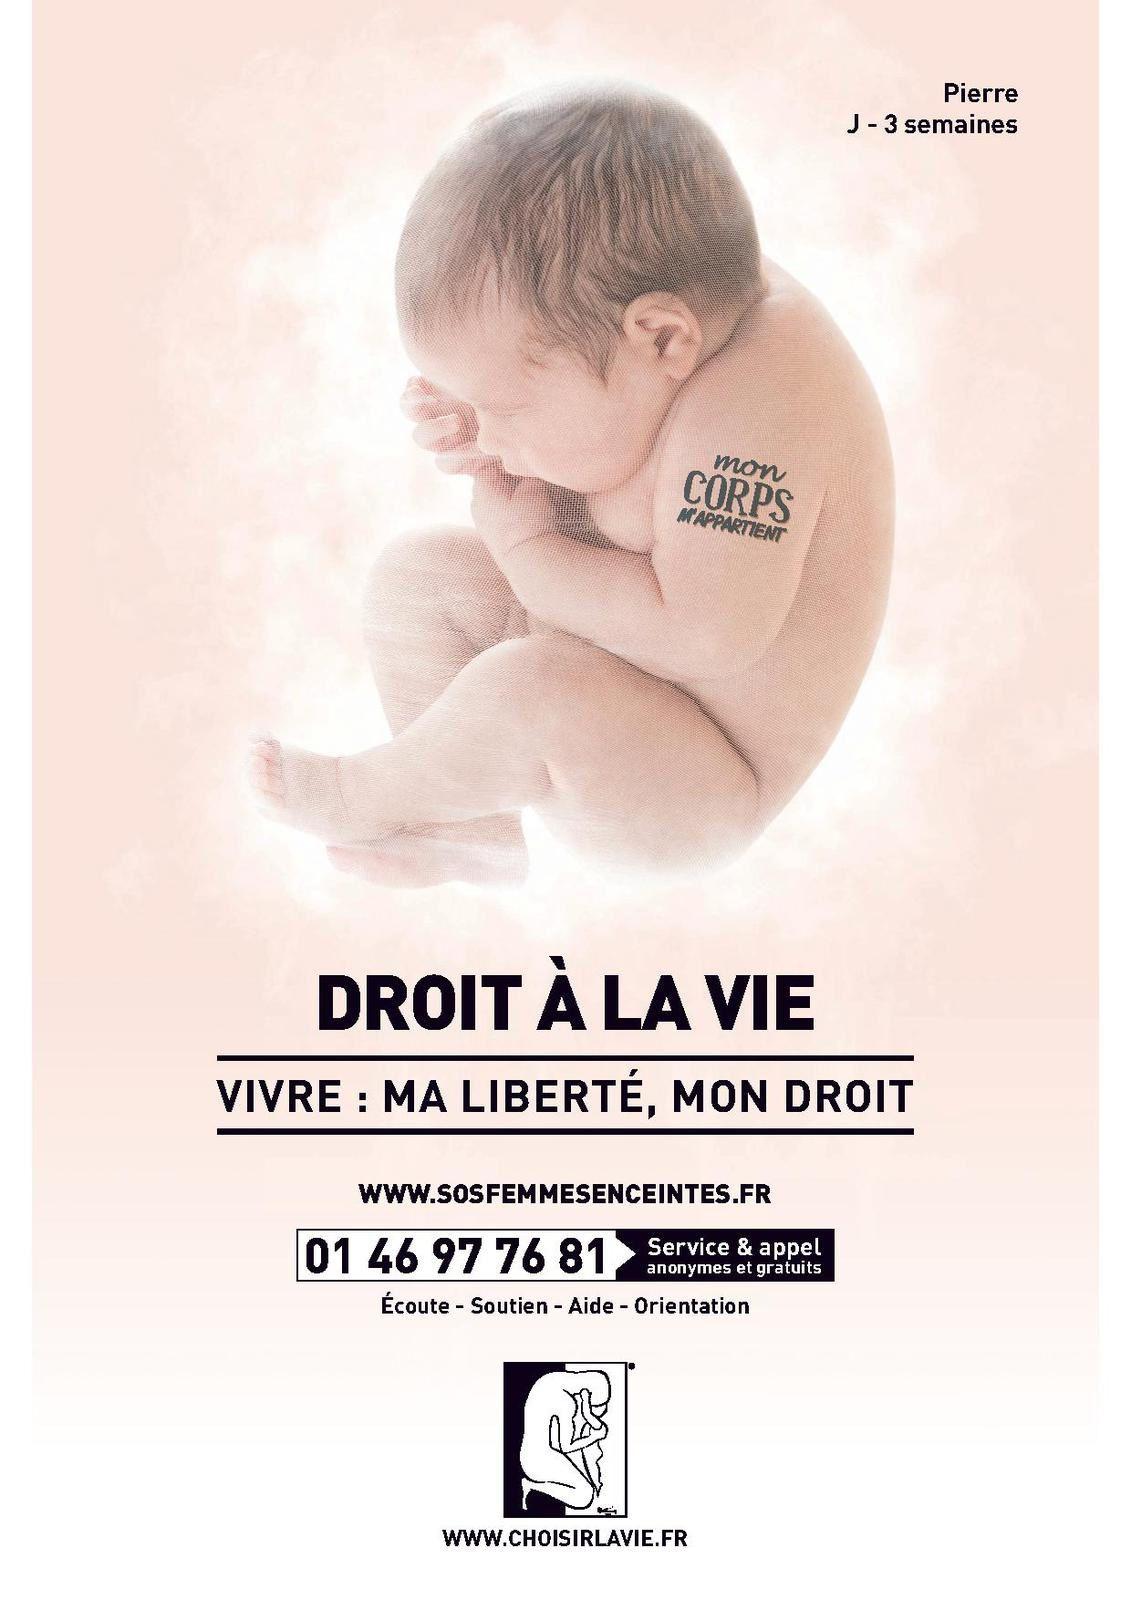 Avortement : la contre-campagne